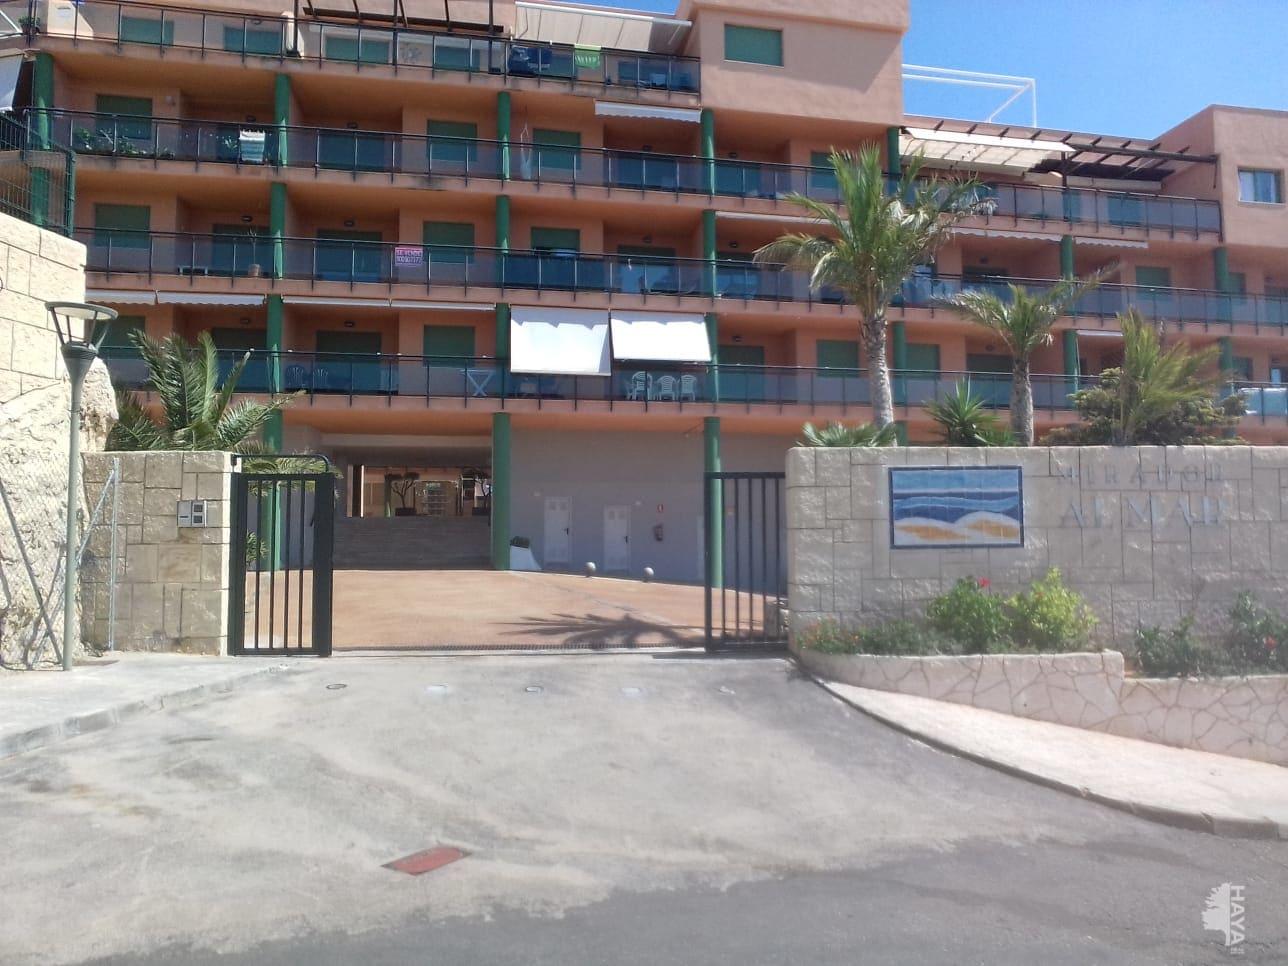 Piso en venta en Urbanización Montesol, Alcalà de Xivert, Castellón, Calle Ur Marcolina, 110.778 €, 2 habitaciones, 2 baños, 53 m2